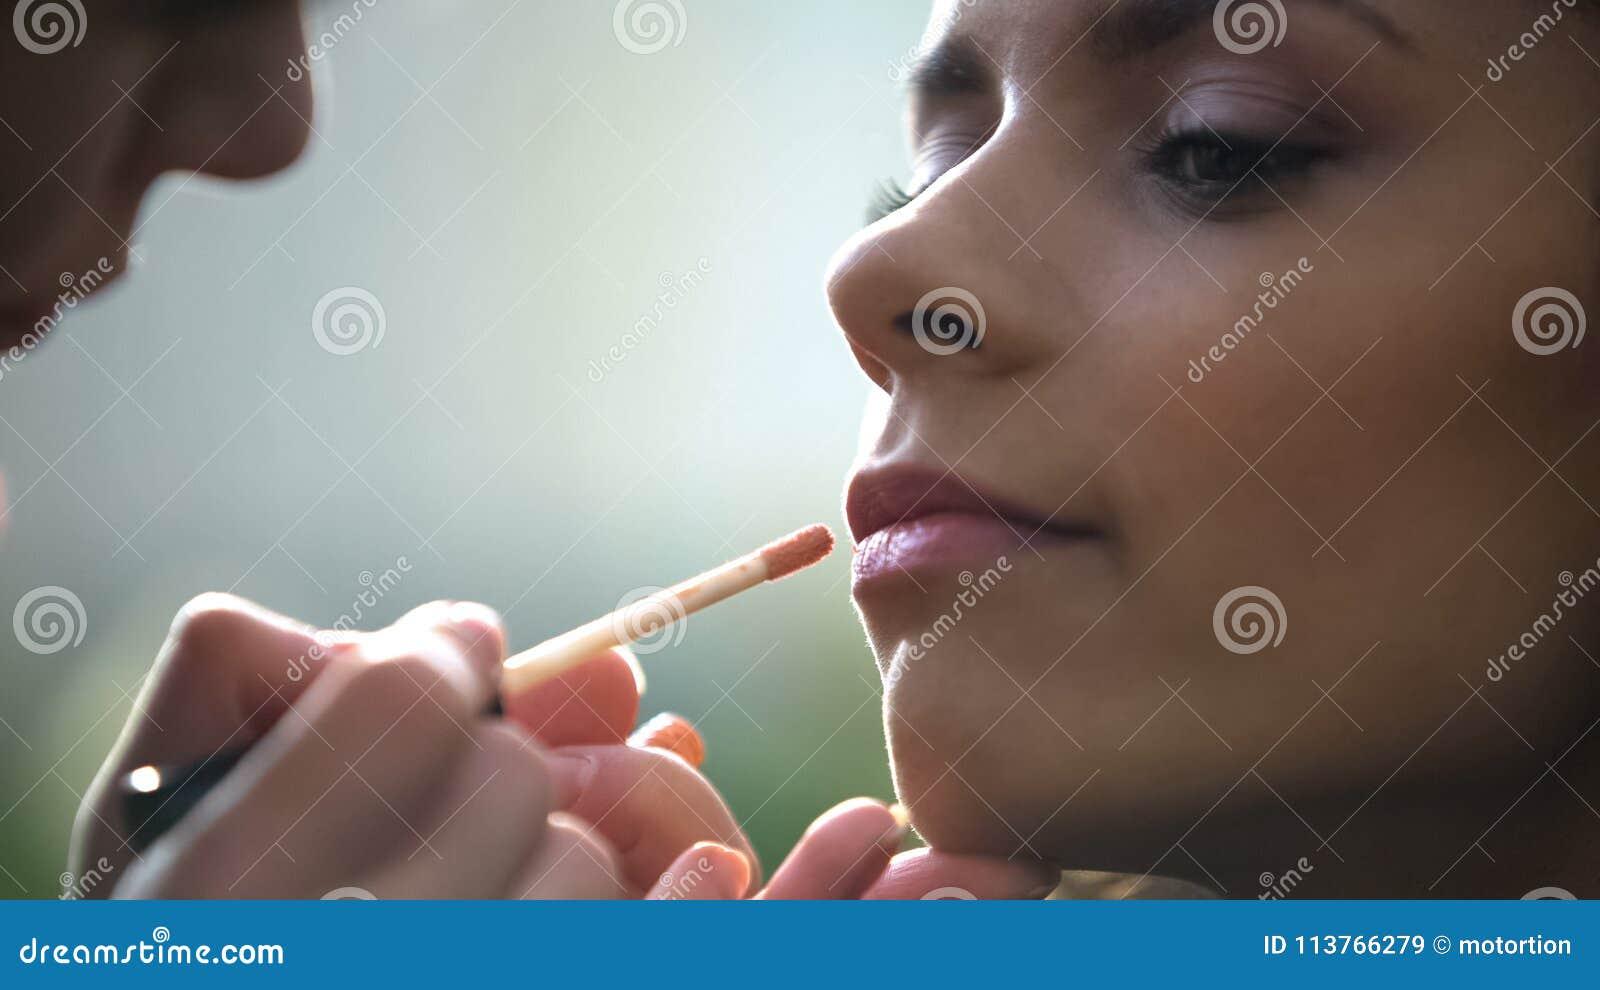 Τα χέρια του καλλιτέχνη makeup που εφαρμόζει το χείλι σχολιάζουν, προετοιμάζοντας την όμορφη νύφη για το γάμο